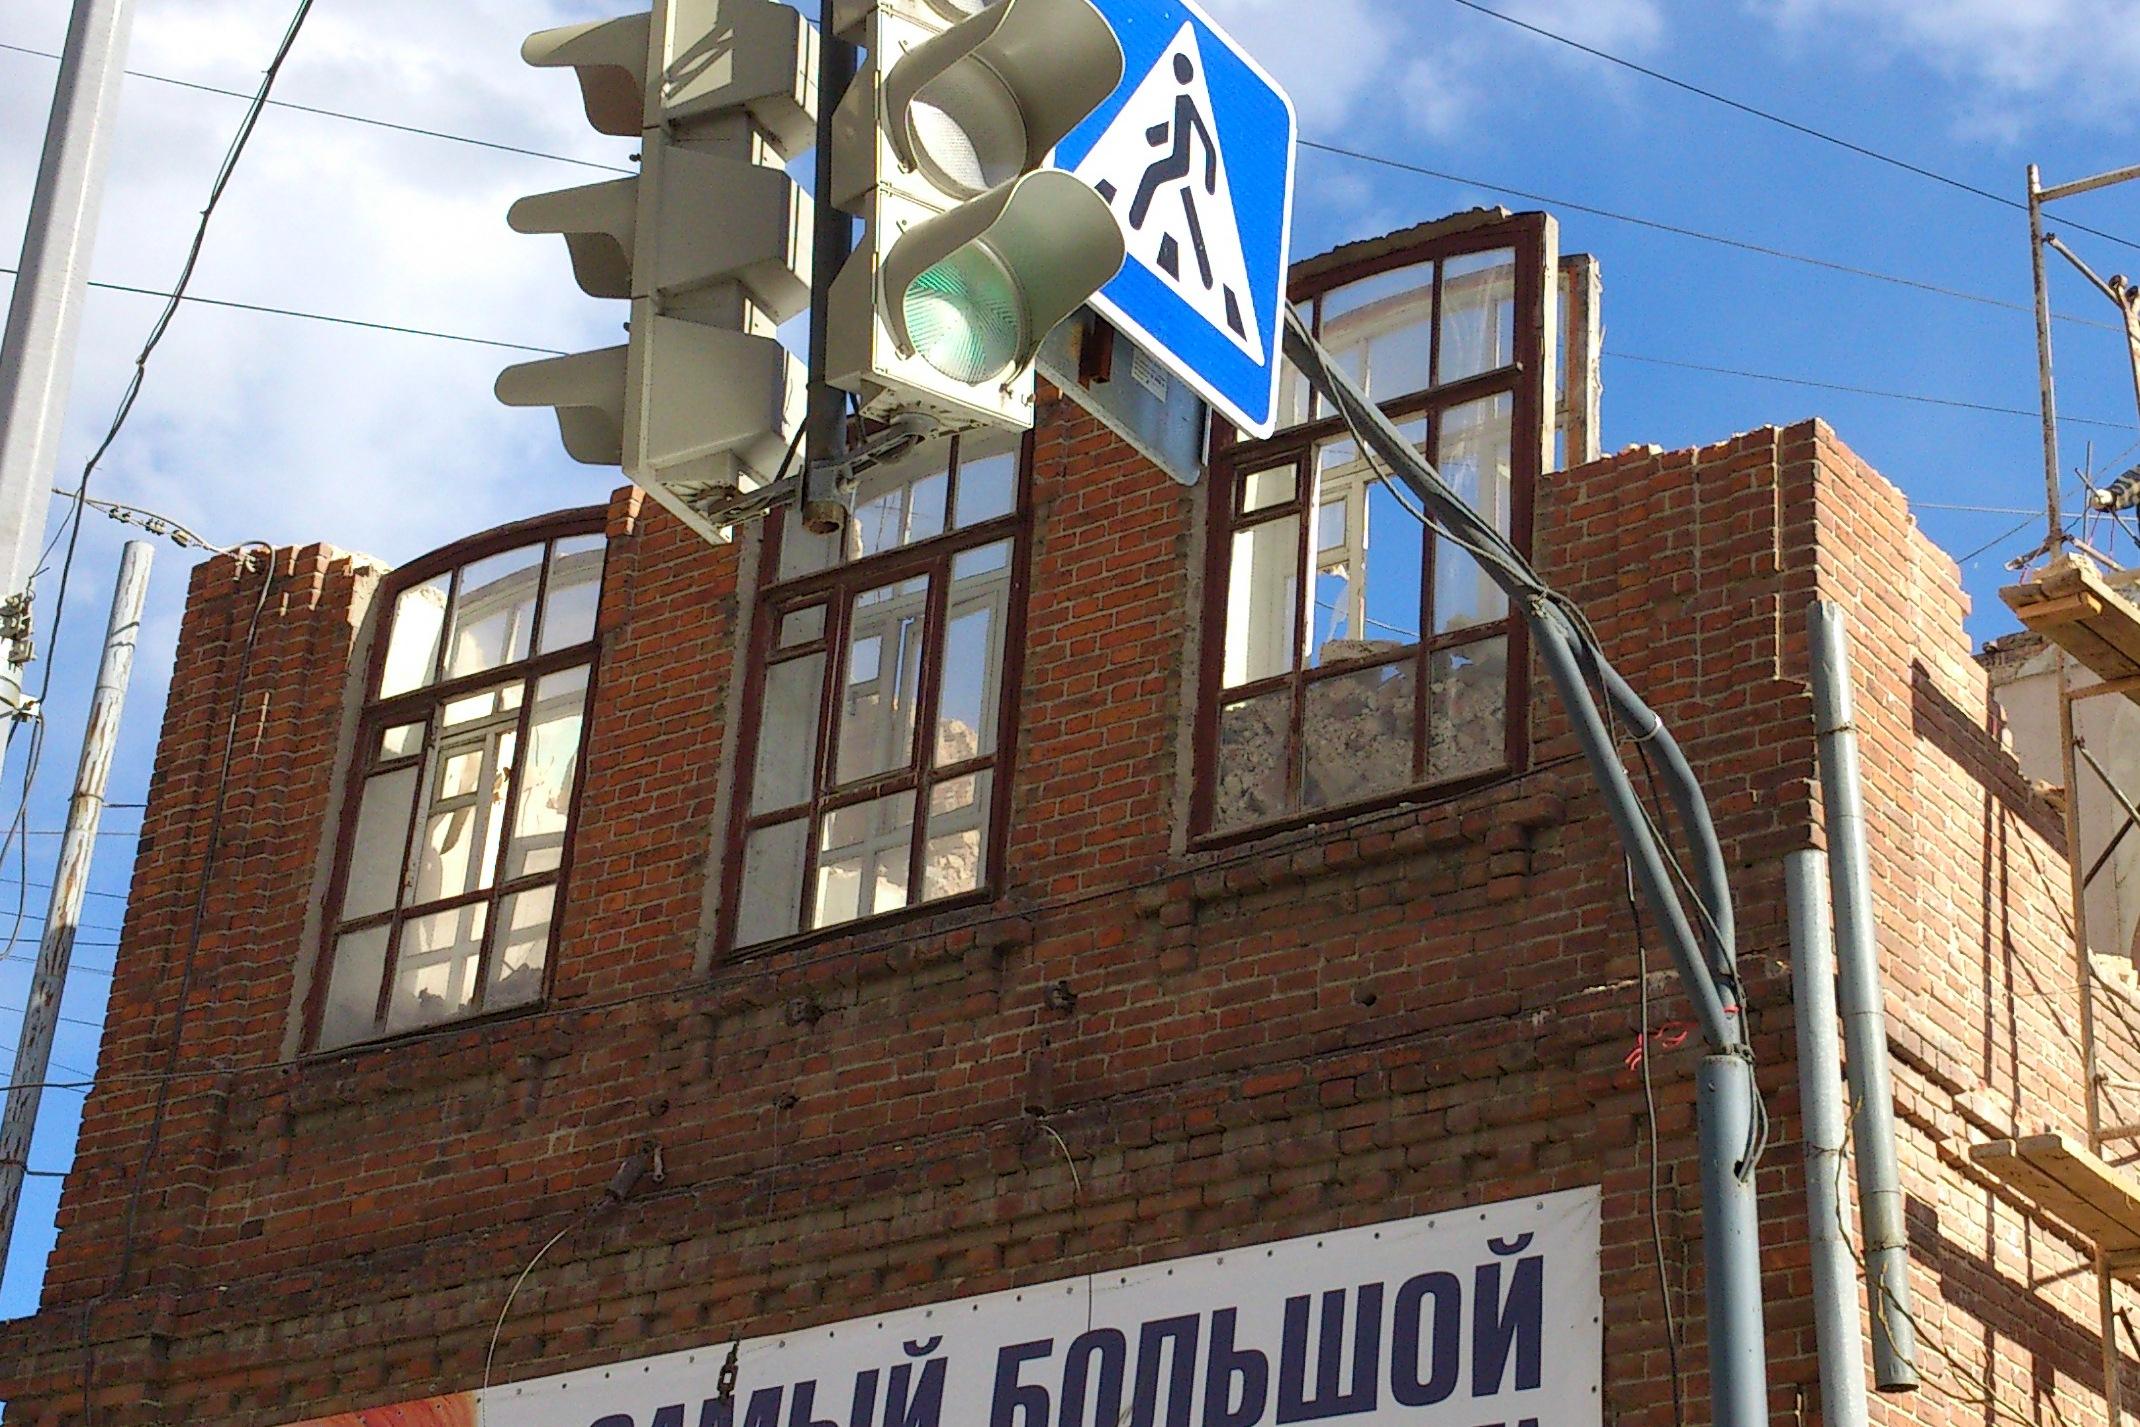 Екатеринбуржцы обеспокоены разбором здания на Луначарского